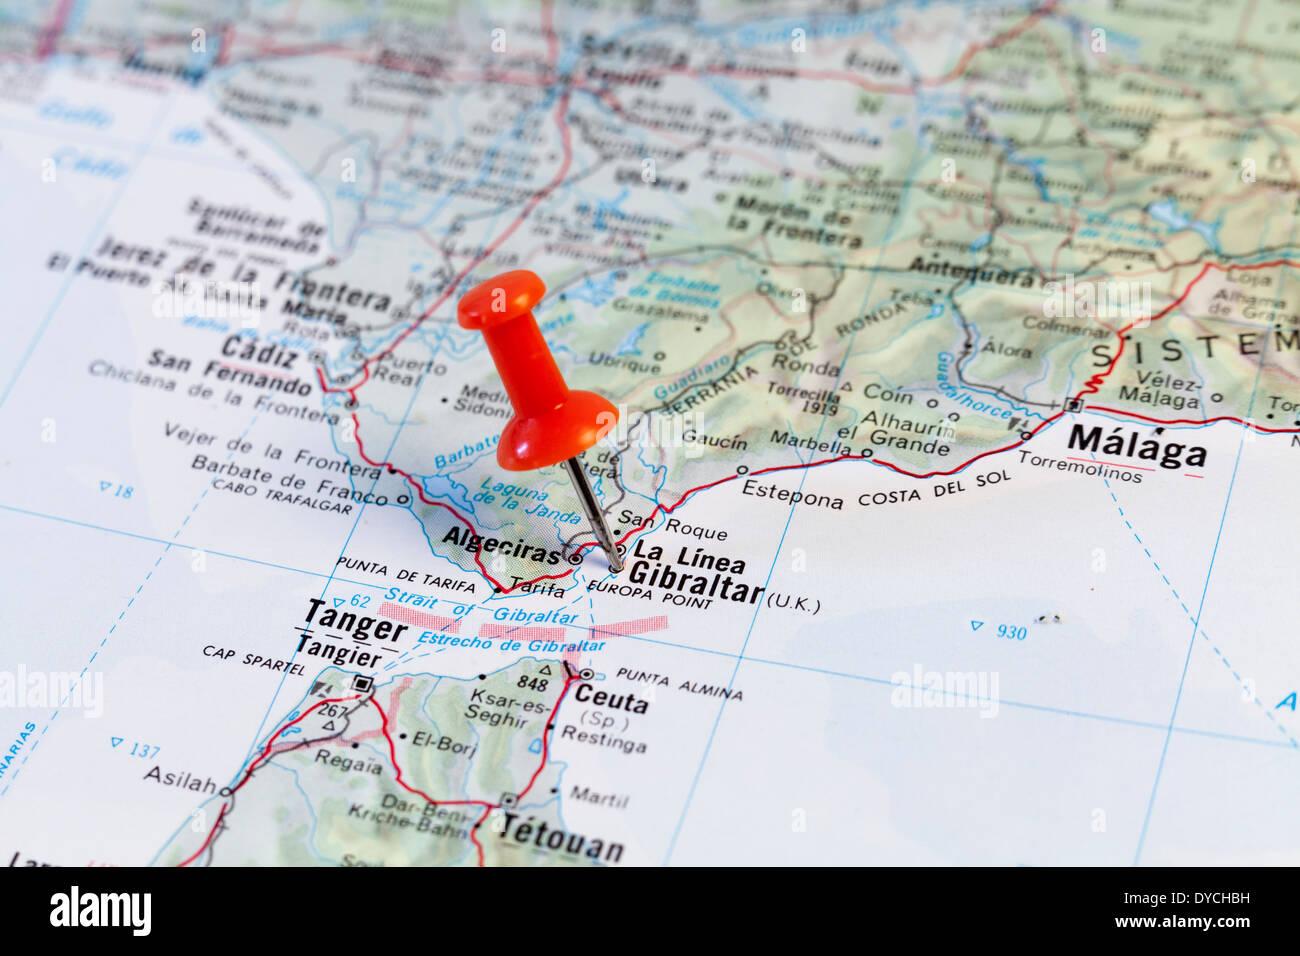 Map Of Gibraltar Stock Photos & Map Of Gibraltar Stock Images - Alamy